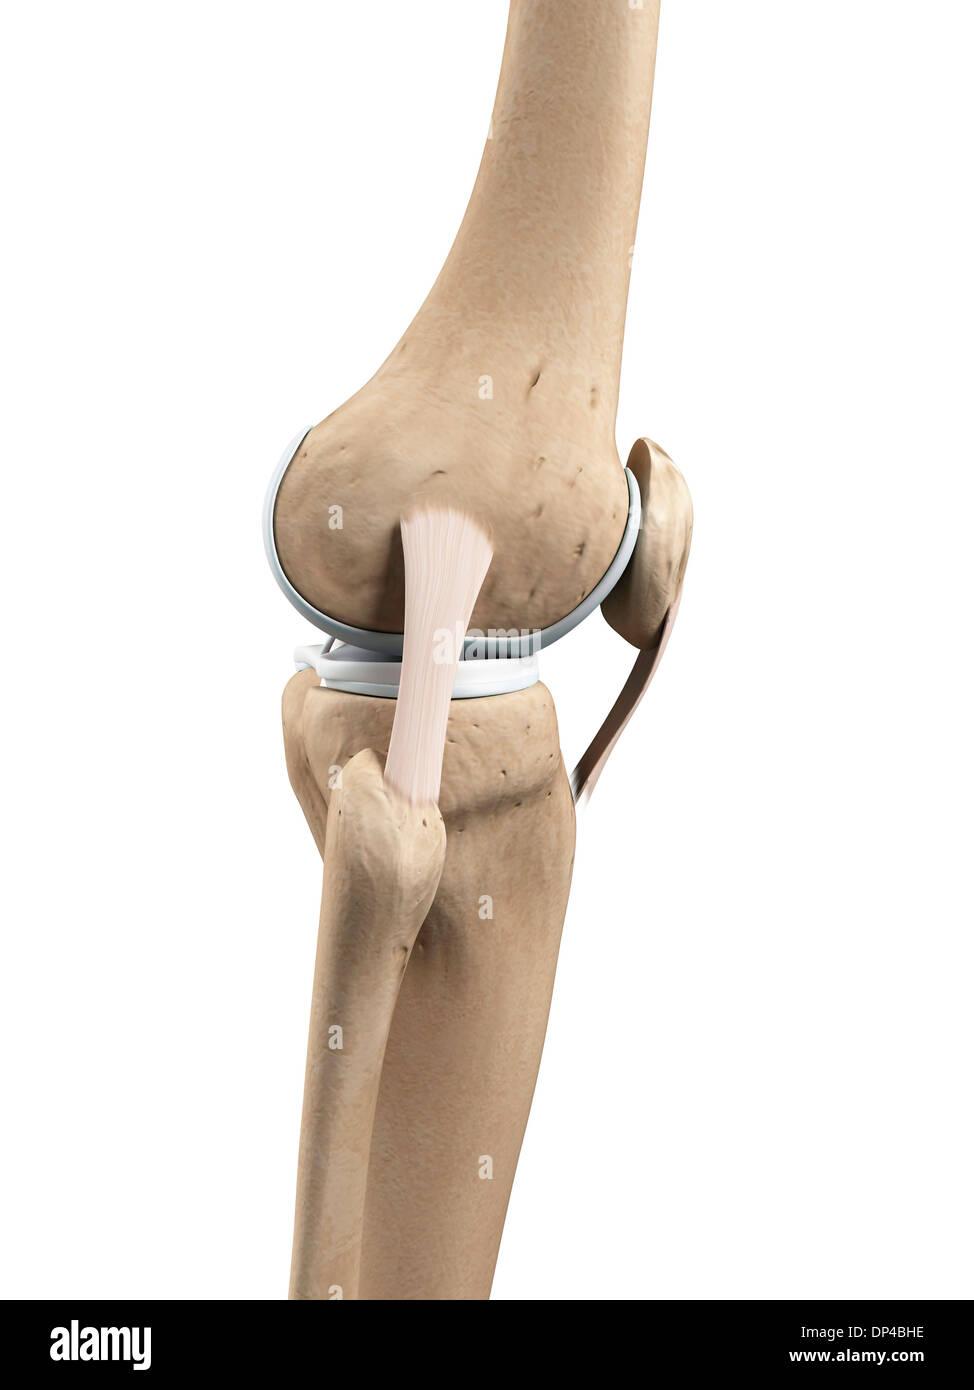 Großzügig Gebeugtes Knie Anatomie Ideen - Menschliche Anatomie ...